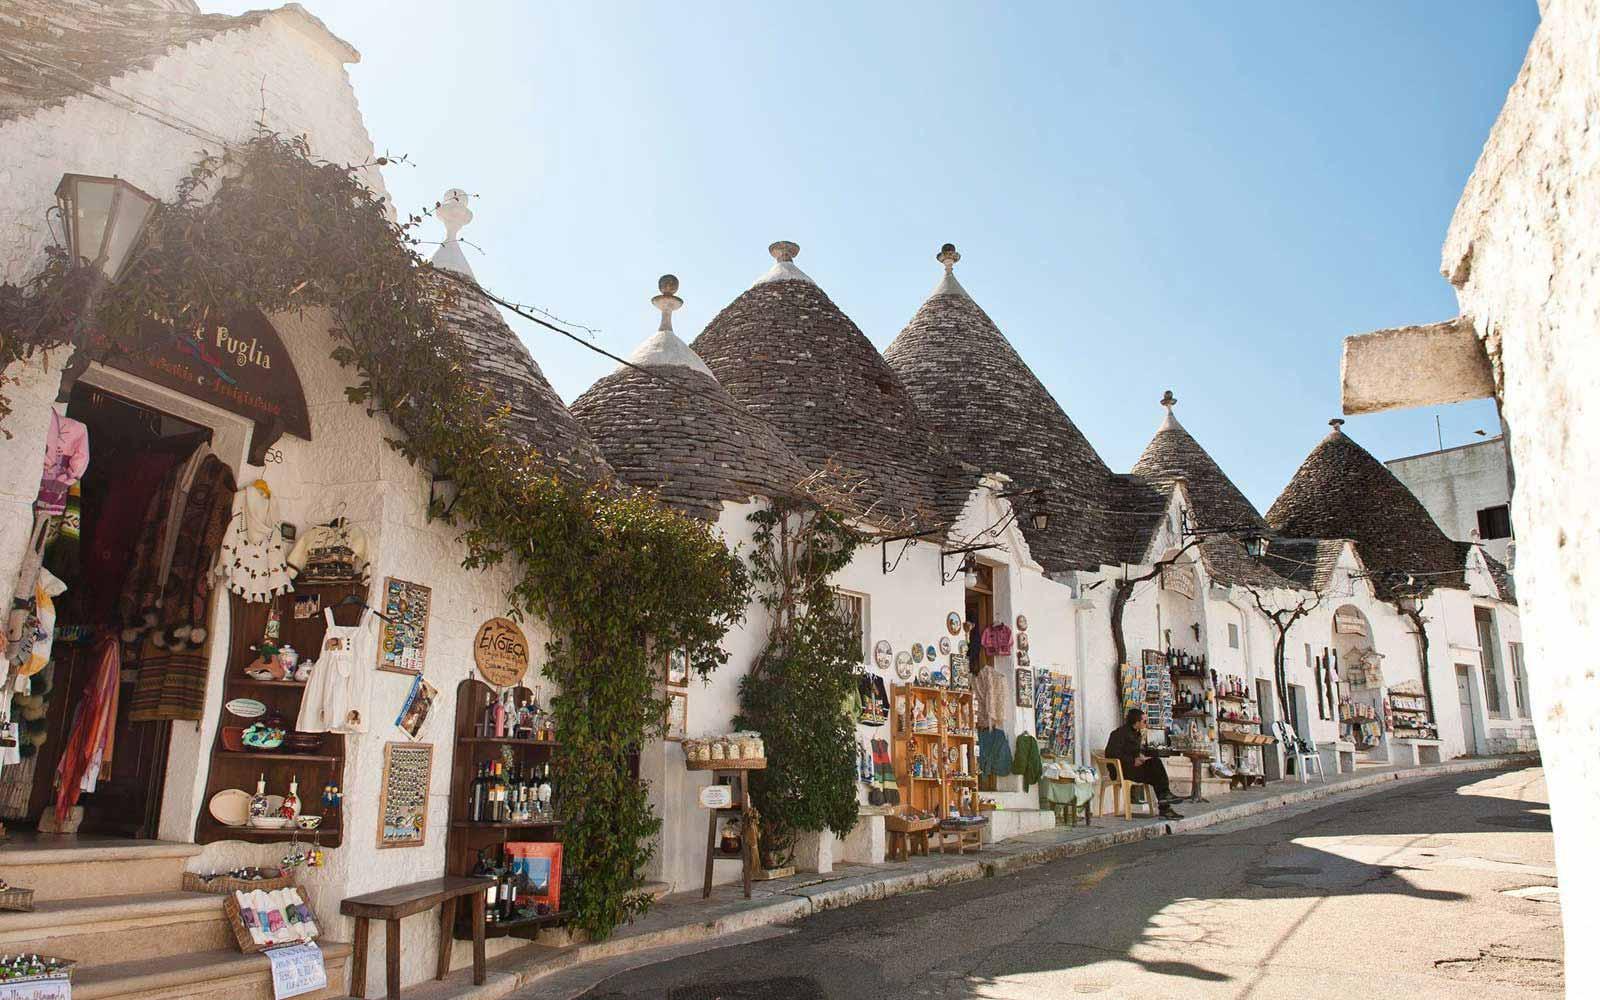 Apulian trulli near Hotel Del Levante